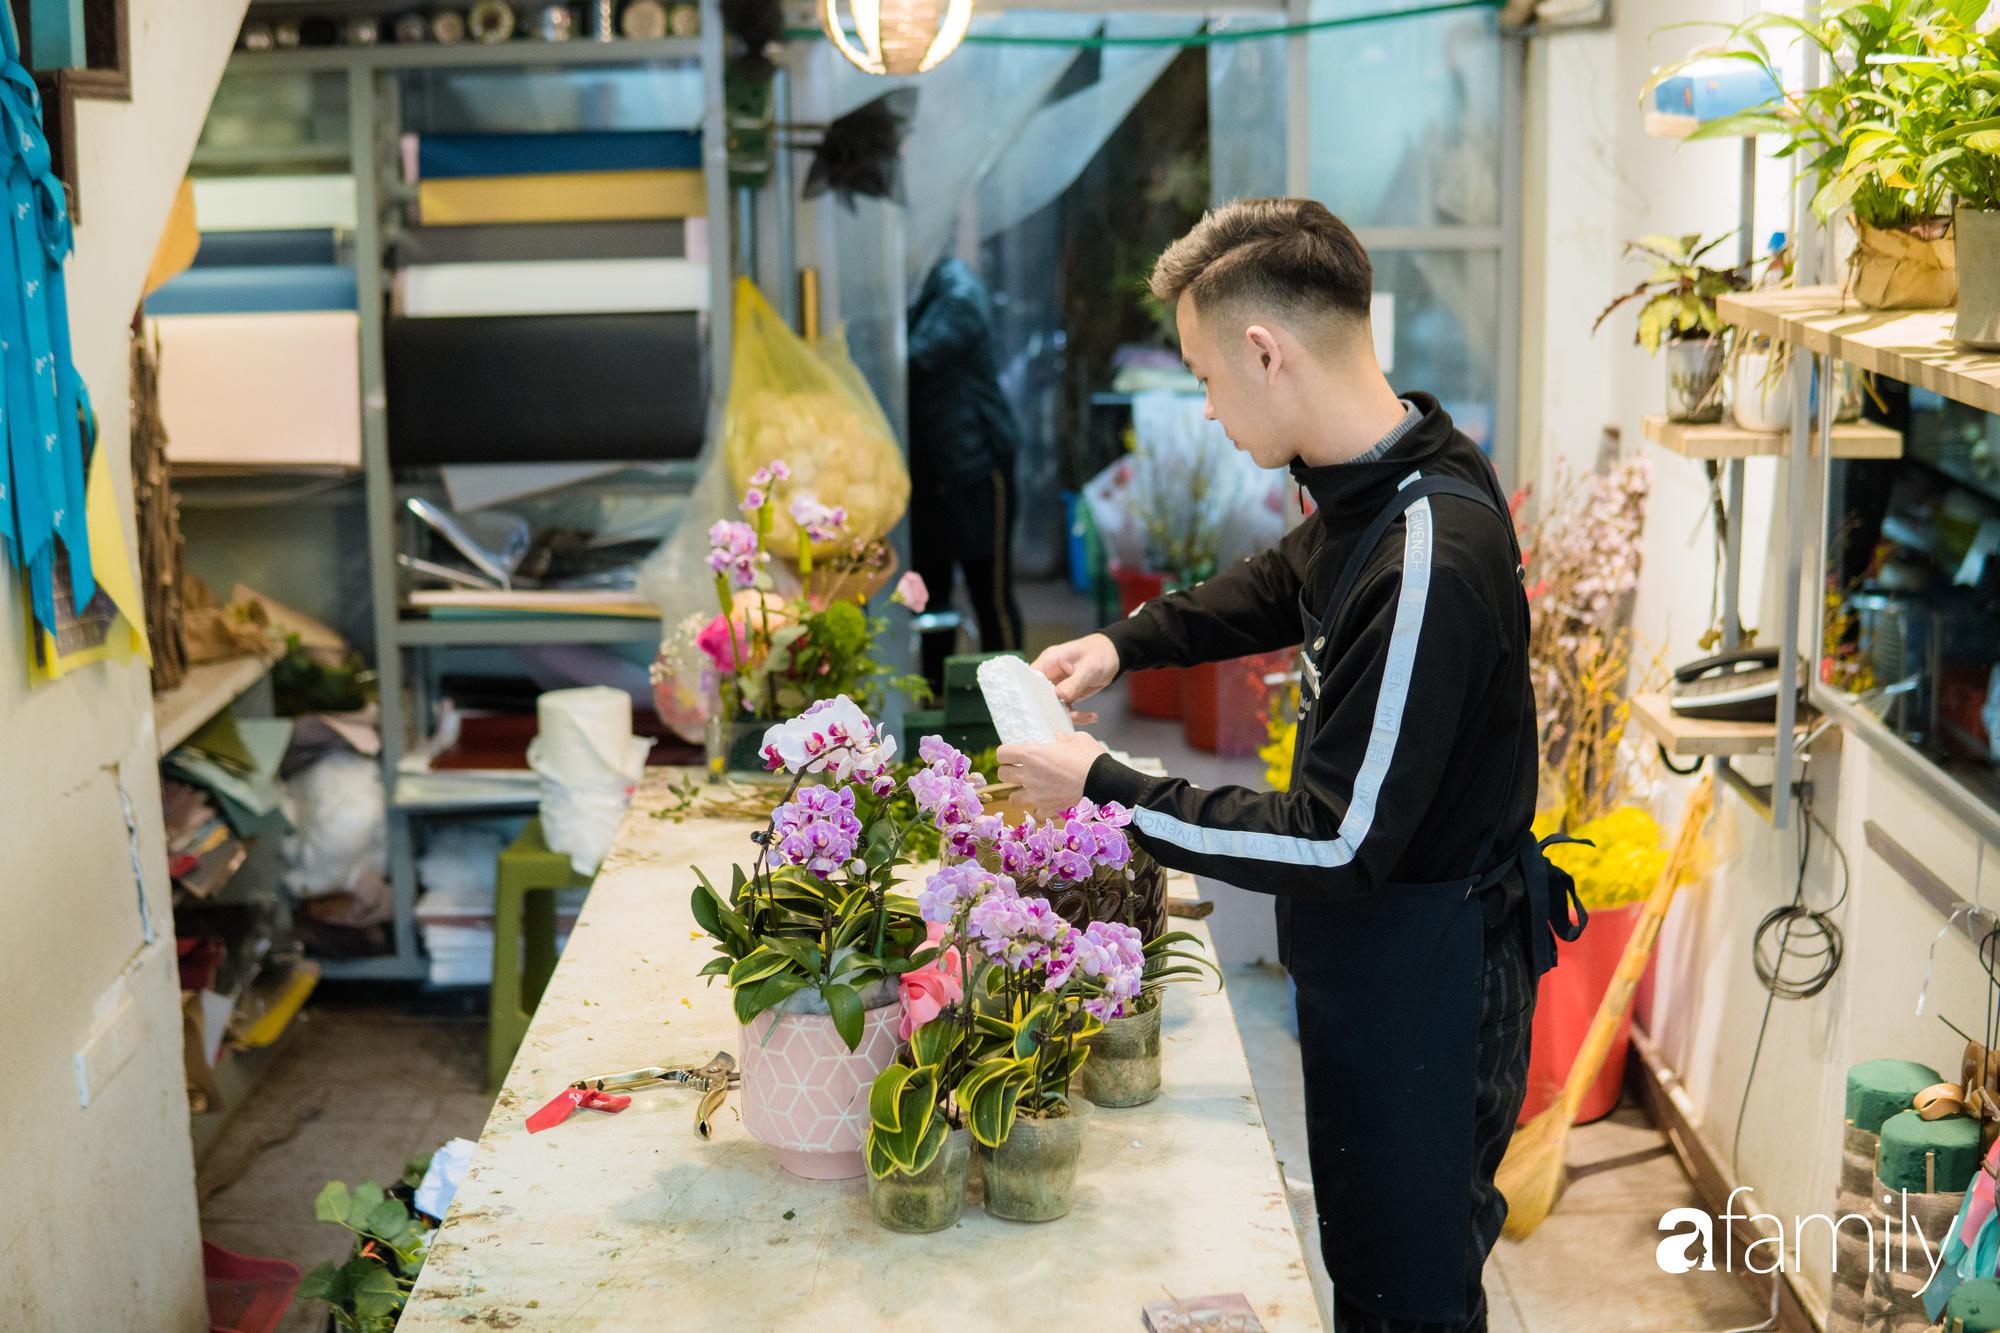 """Ngắm những loài hoa nhập khẩu đẹp lạ """"sang chảnh"""" để hiểu tại sao các đại gia Hà thành sẵn sàng chi 50 triệu sắm hoa đẹp chơi Tết - Ảnh 9."""